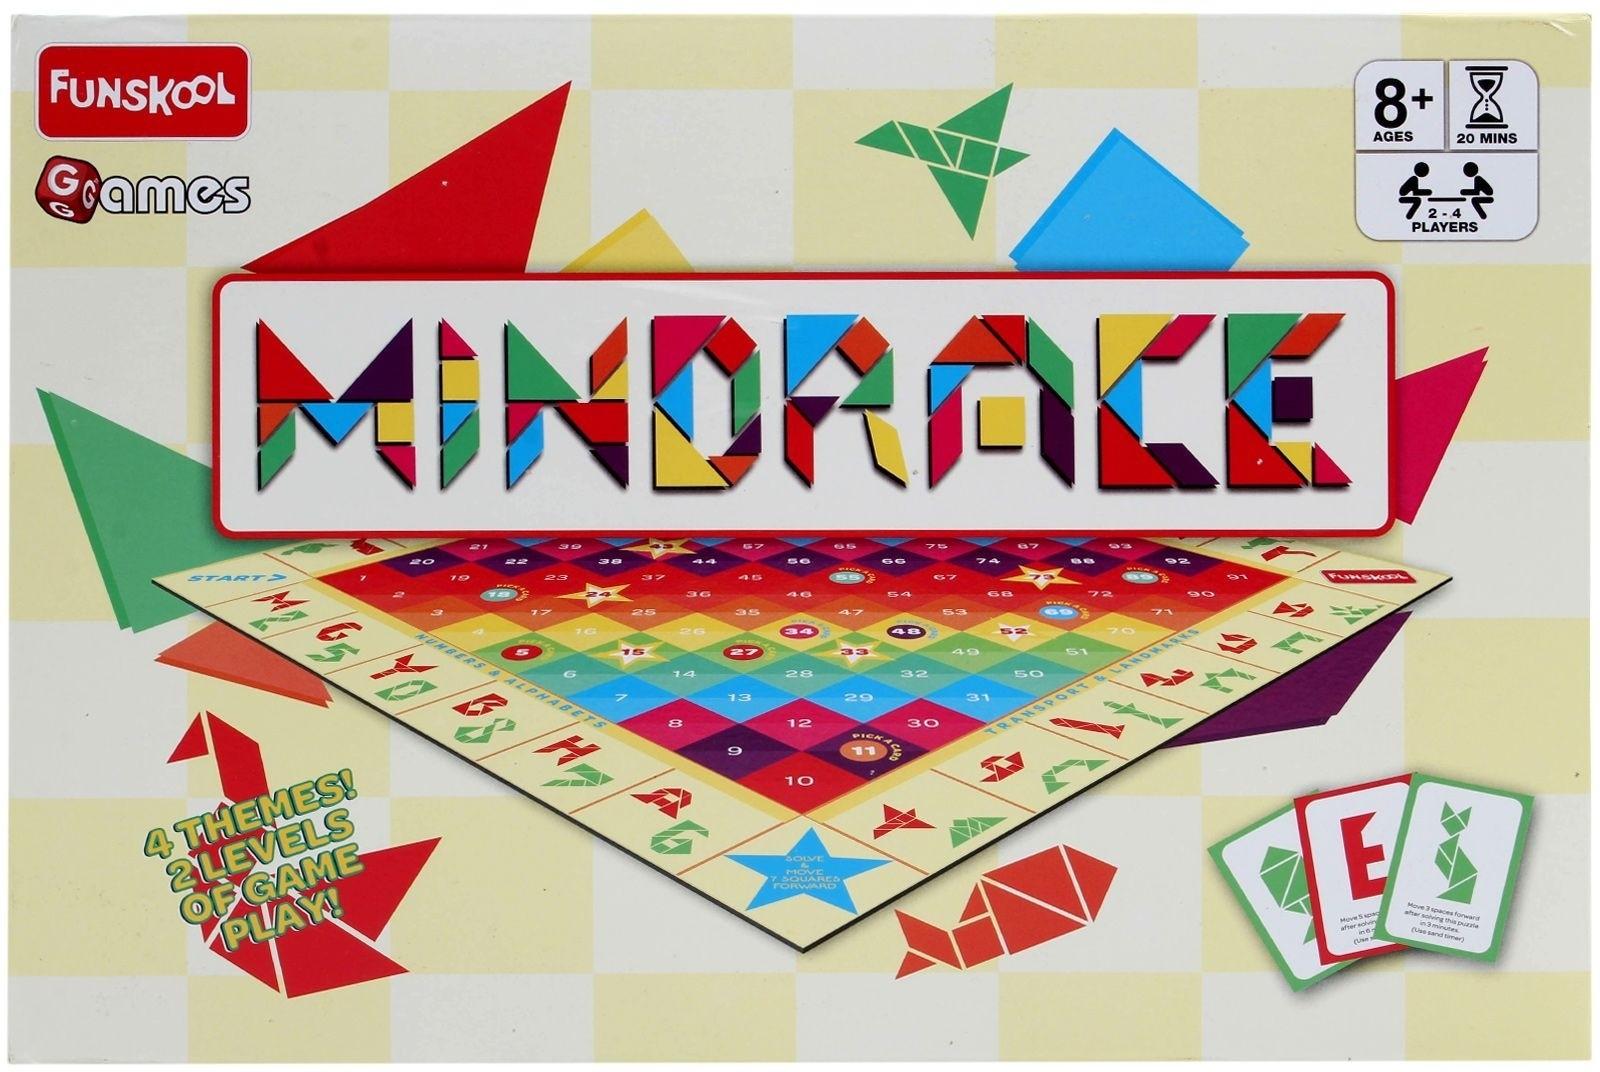 Kiddie Diwali Party Double Lively Double Fun: 10% OFF On Funskool Mindrace Board Game On Flipkart